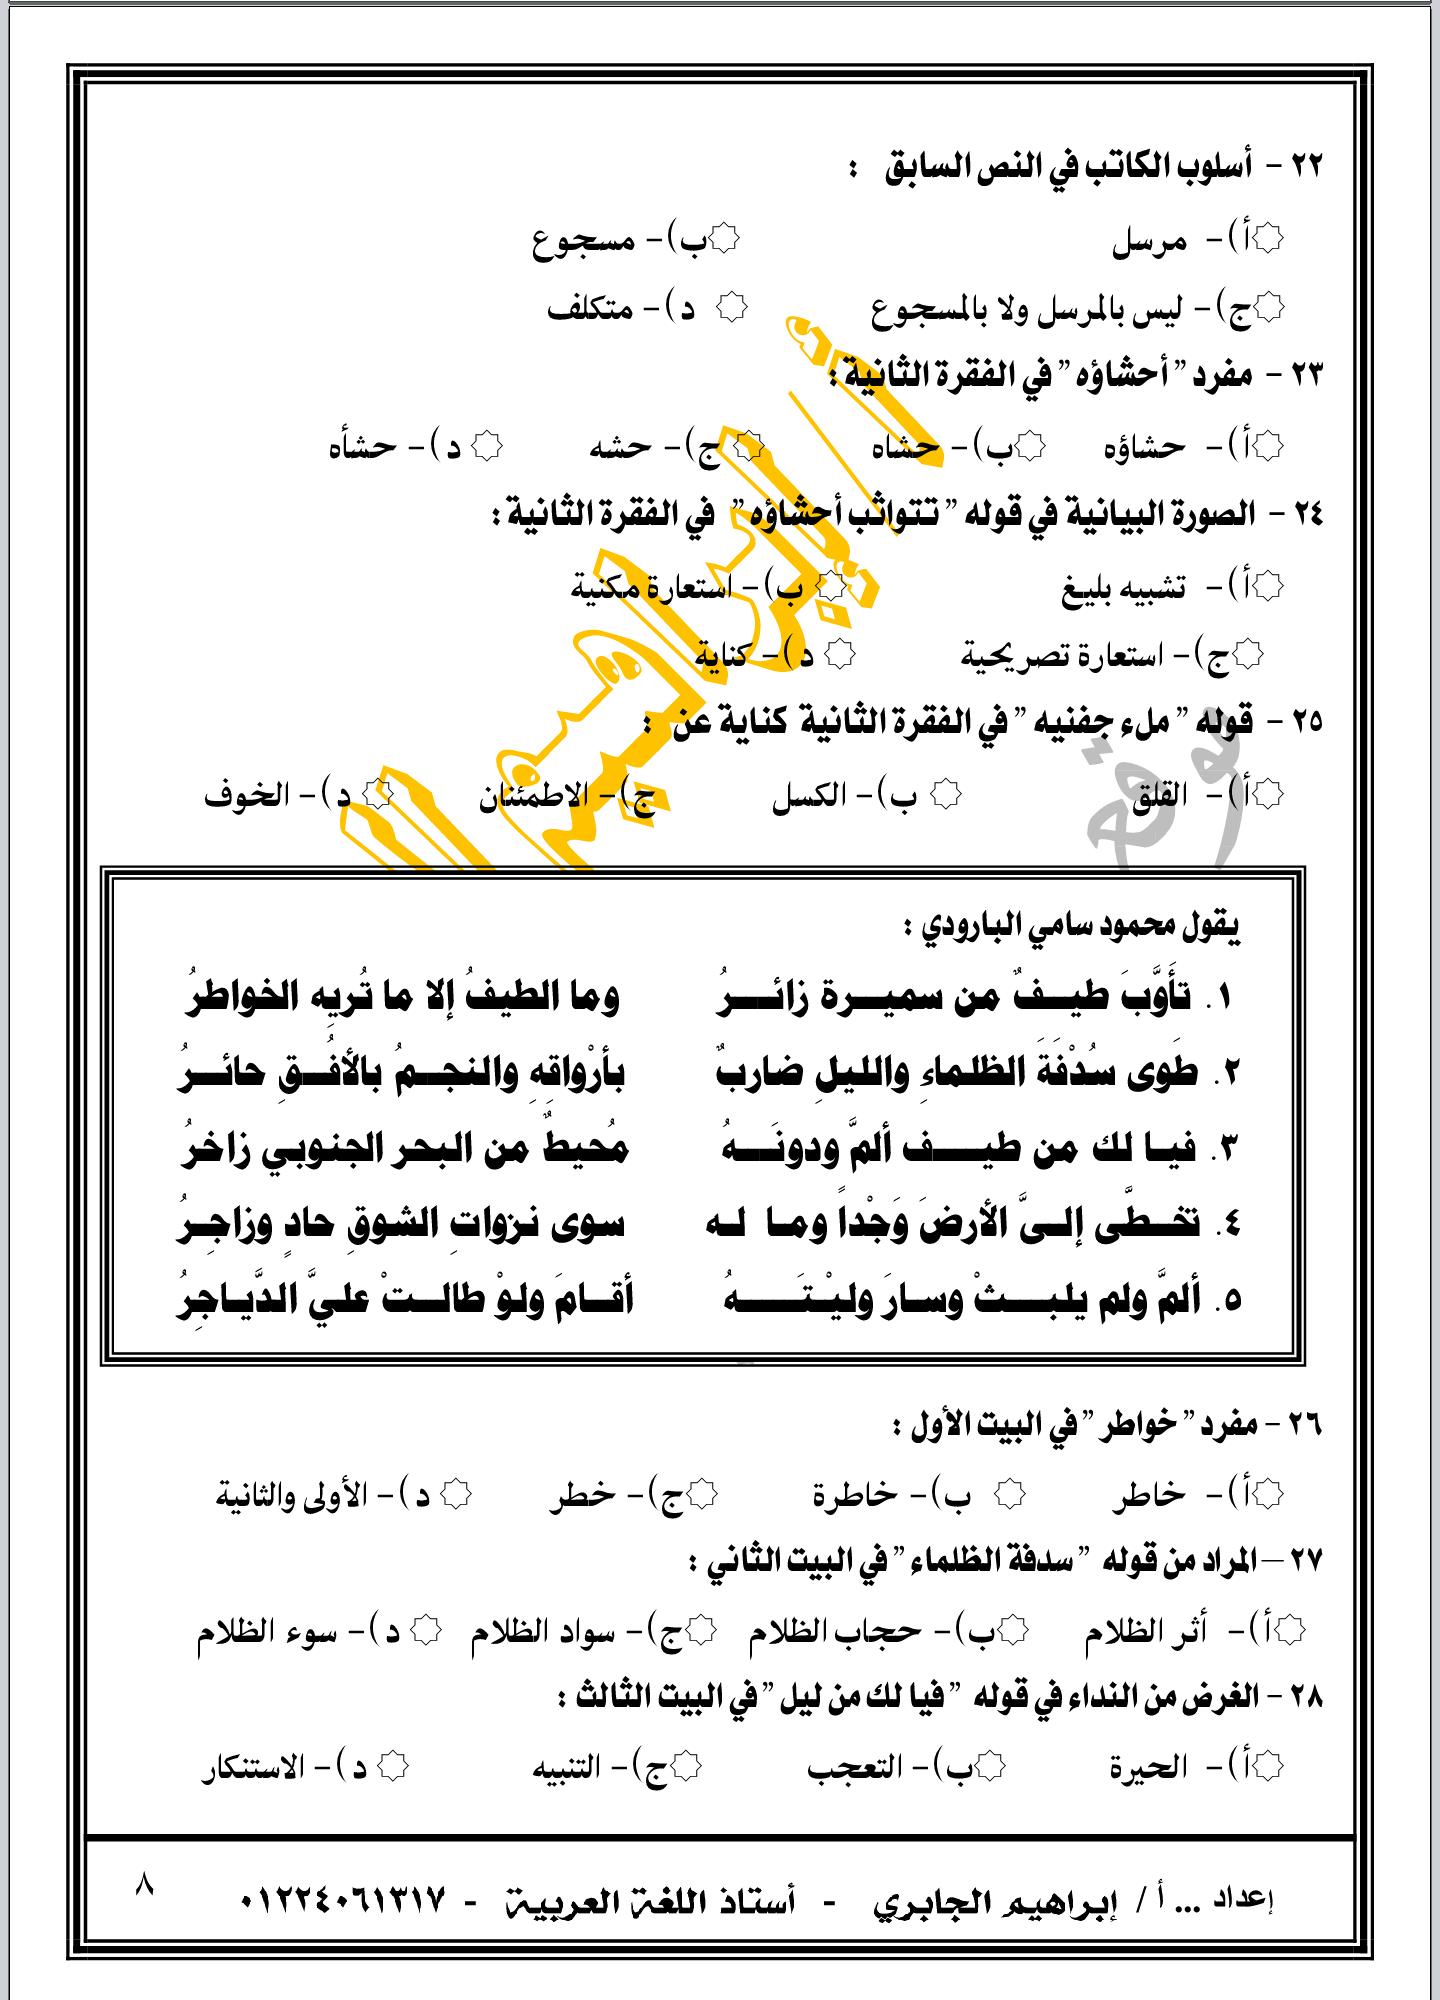 امتحان لغة عربية شامل للثانوية العامة نظام جديد 2021.. 70 سؤالا بالإجابات النموذجية Screenshot_%25D9%25A2%25D9%25A0%25D9%25A2%25D9%25A1-%25D9%25A0%25D9%25A4-%25D9%25A1%25D9%25A5-%25D9%25A0%25D9%25A1-%25D9%25A4%25D9%25A1-%25D9%25A2%25D9%25A4-1